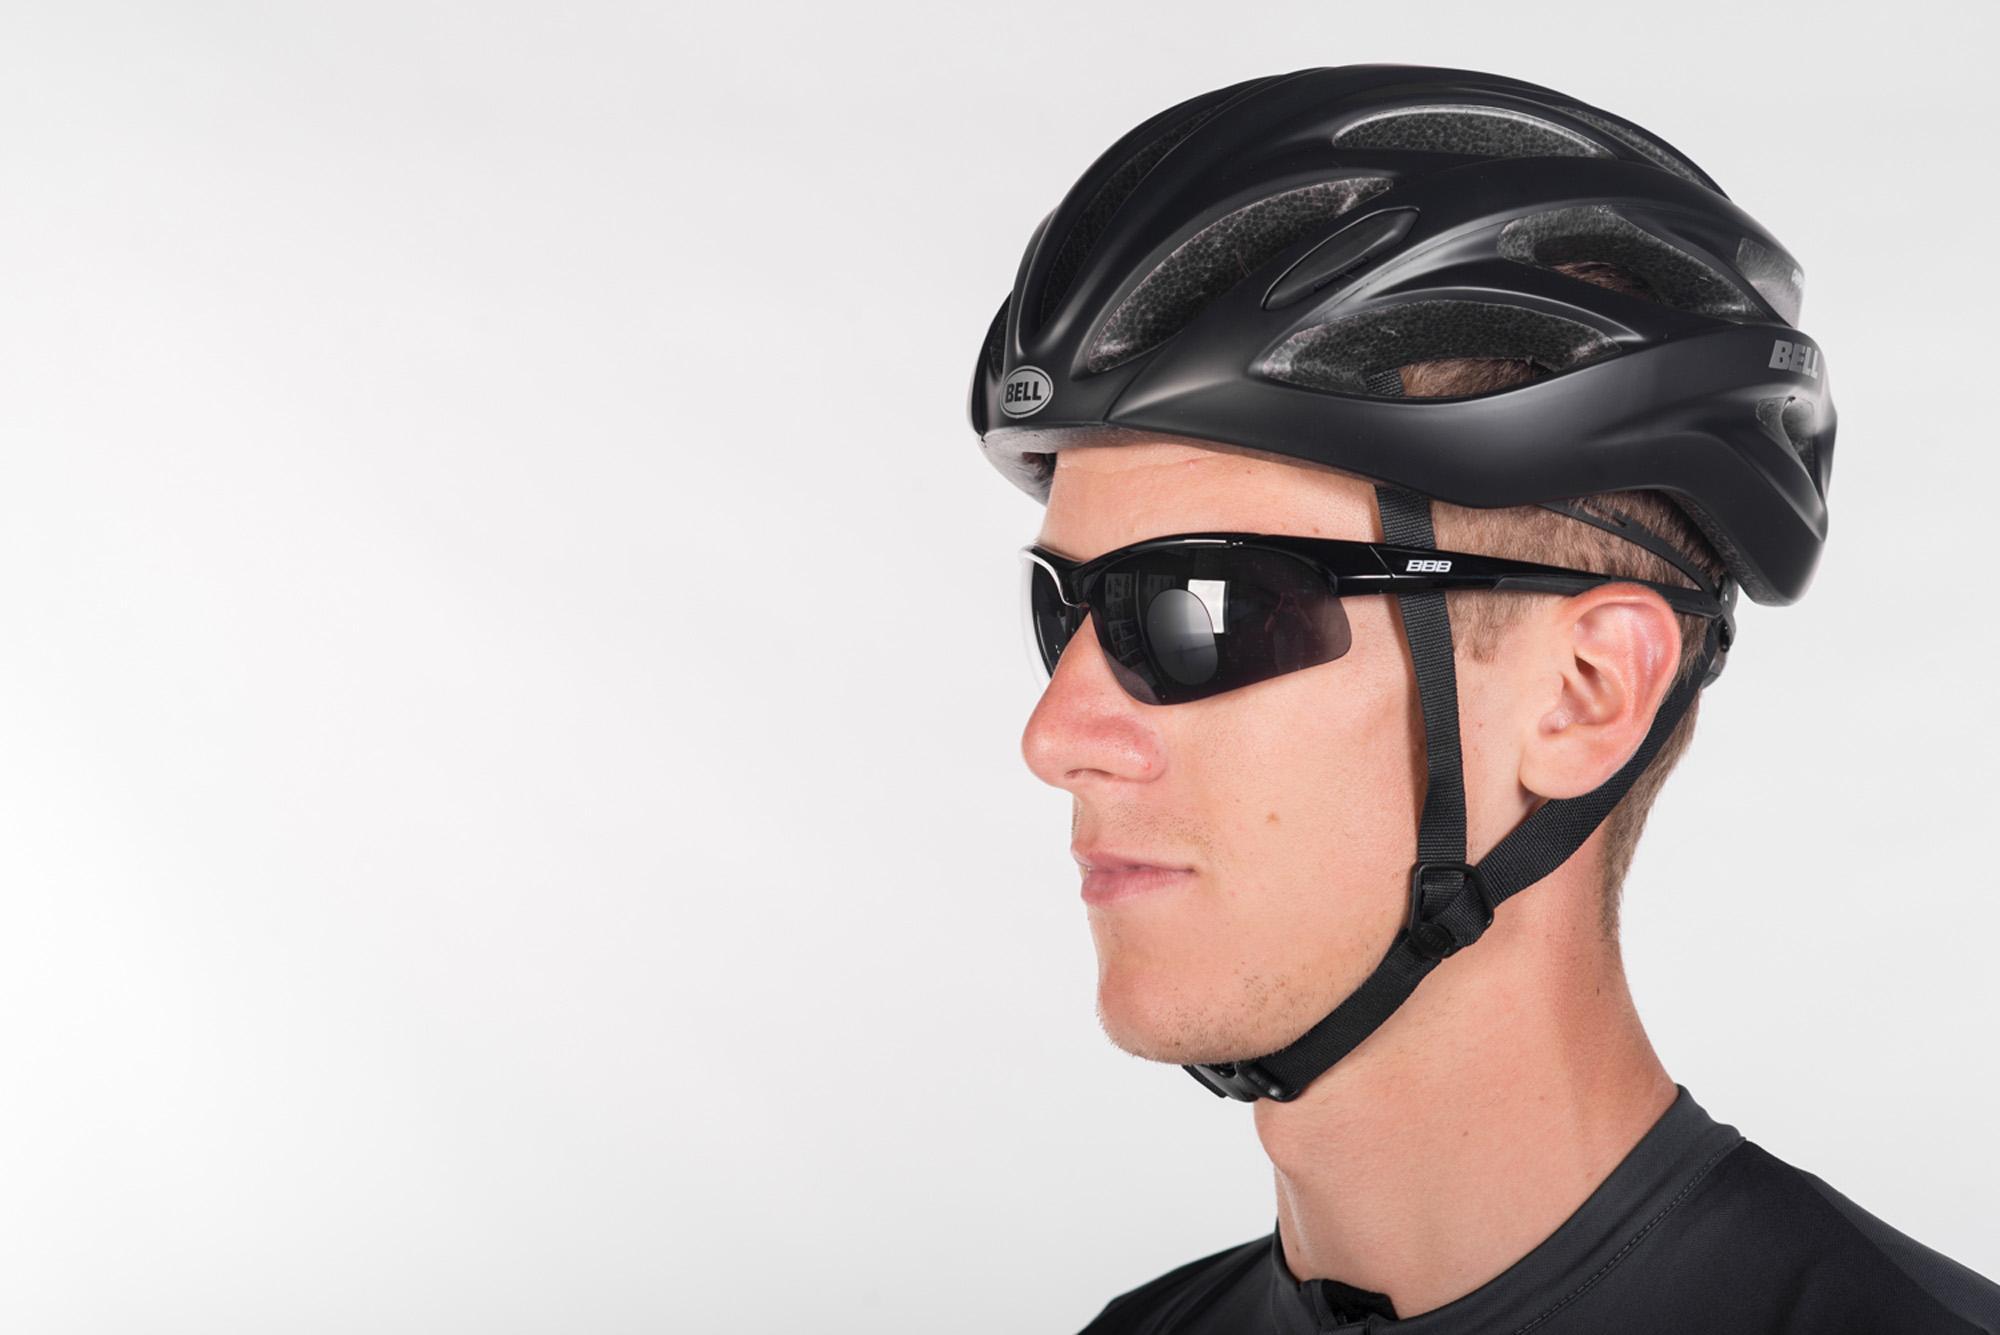 Het leesgedeelte van deze BBB cycling fietsbril valt amper op.